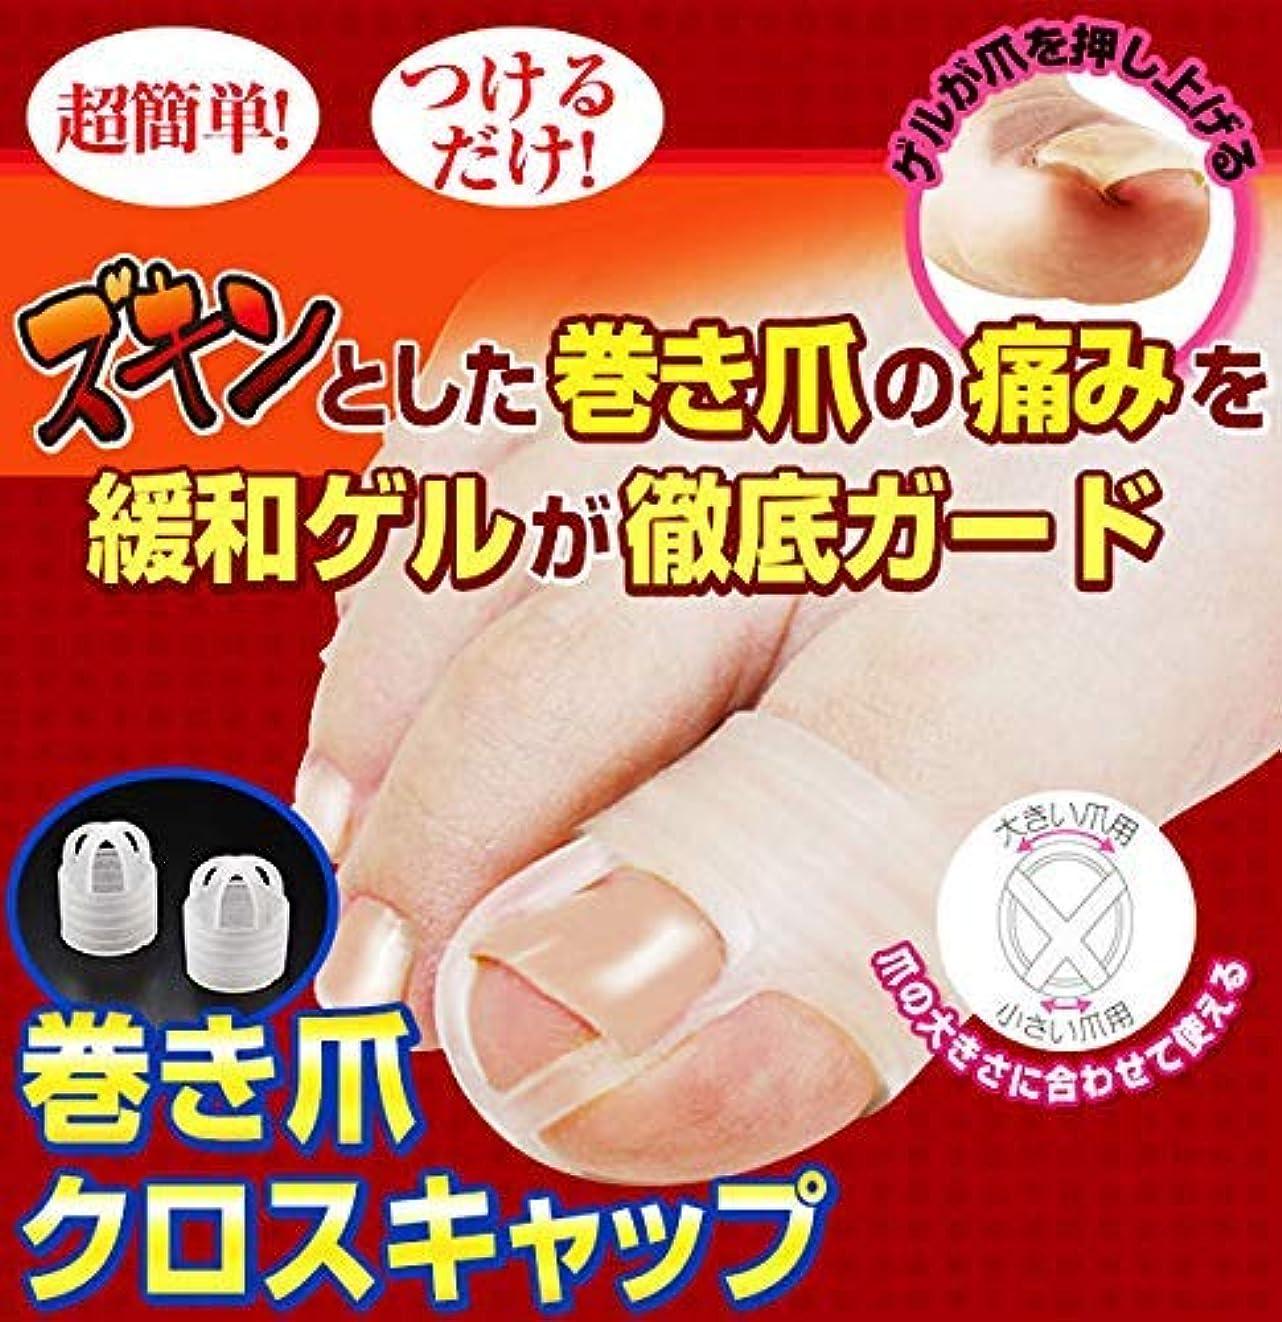 巻き爪サポーター (巻き爪クロスキャップ) 矯正 爪切り ブロック テープ